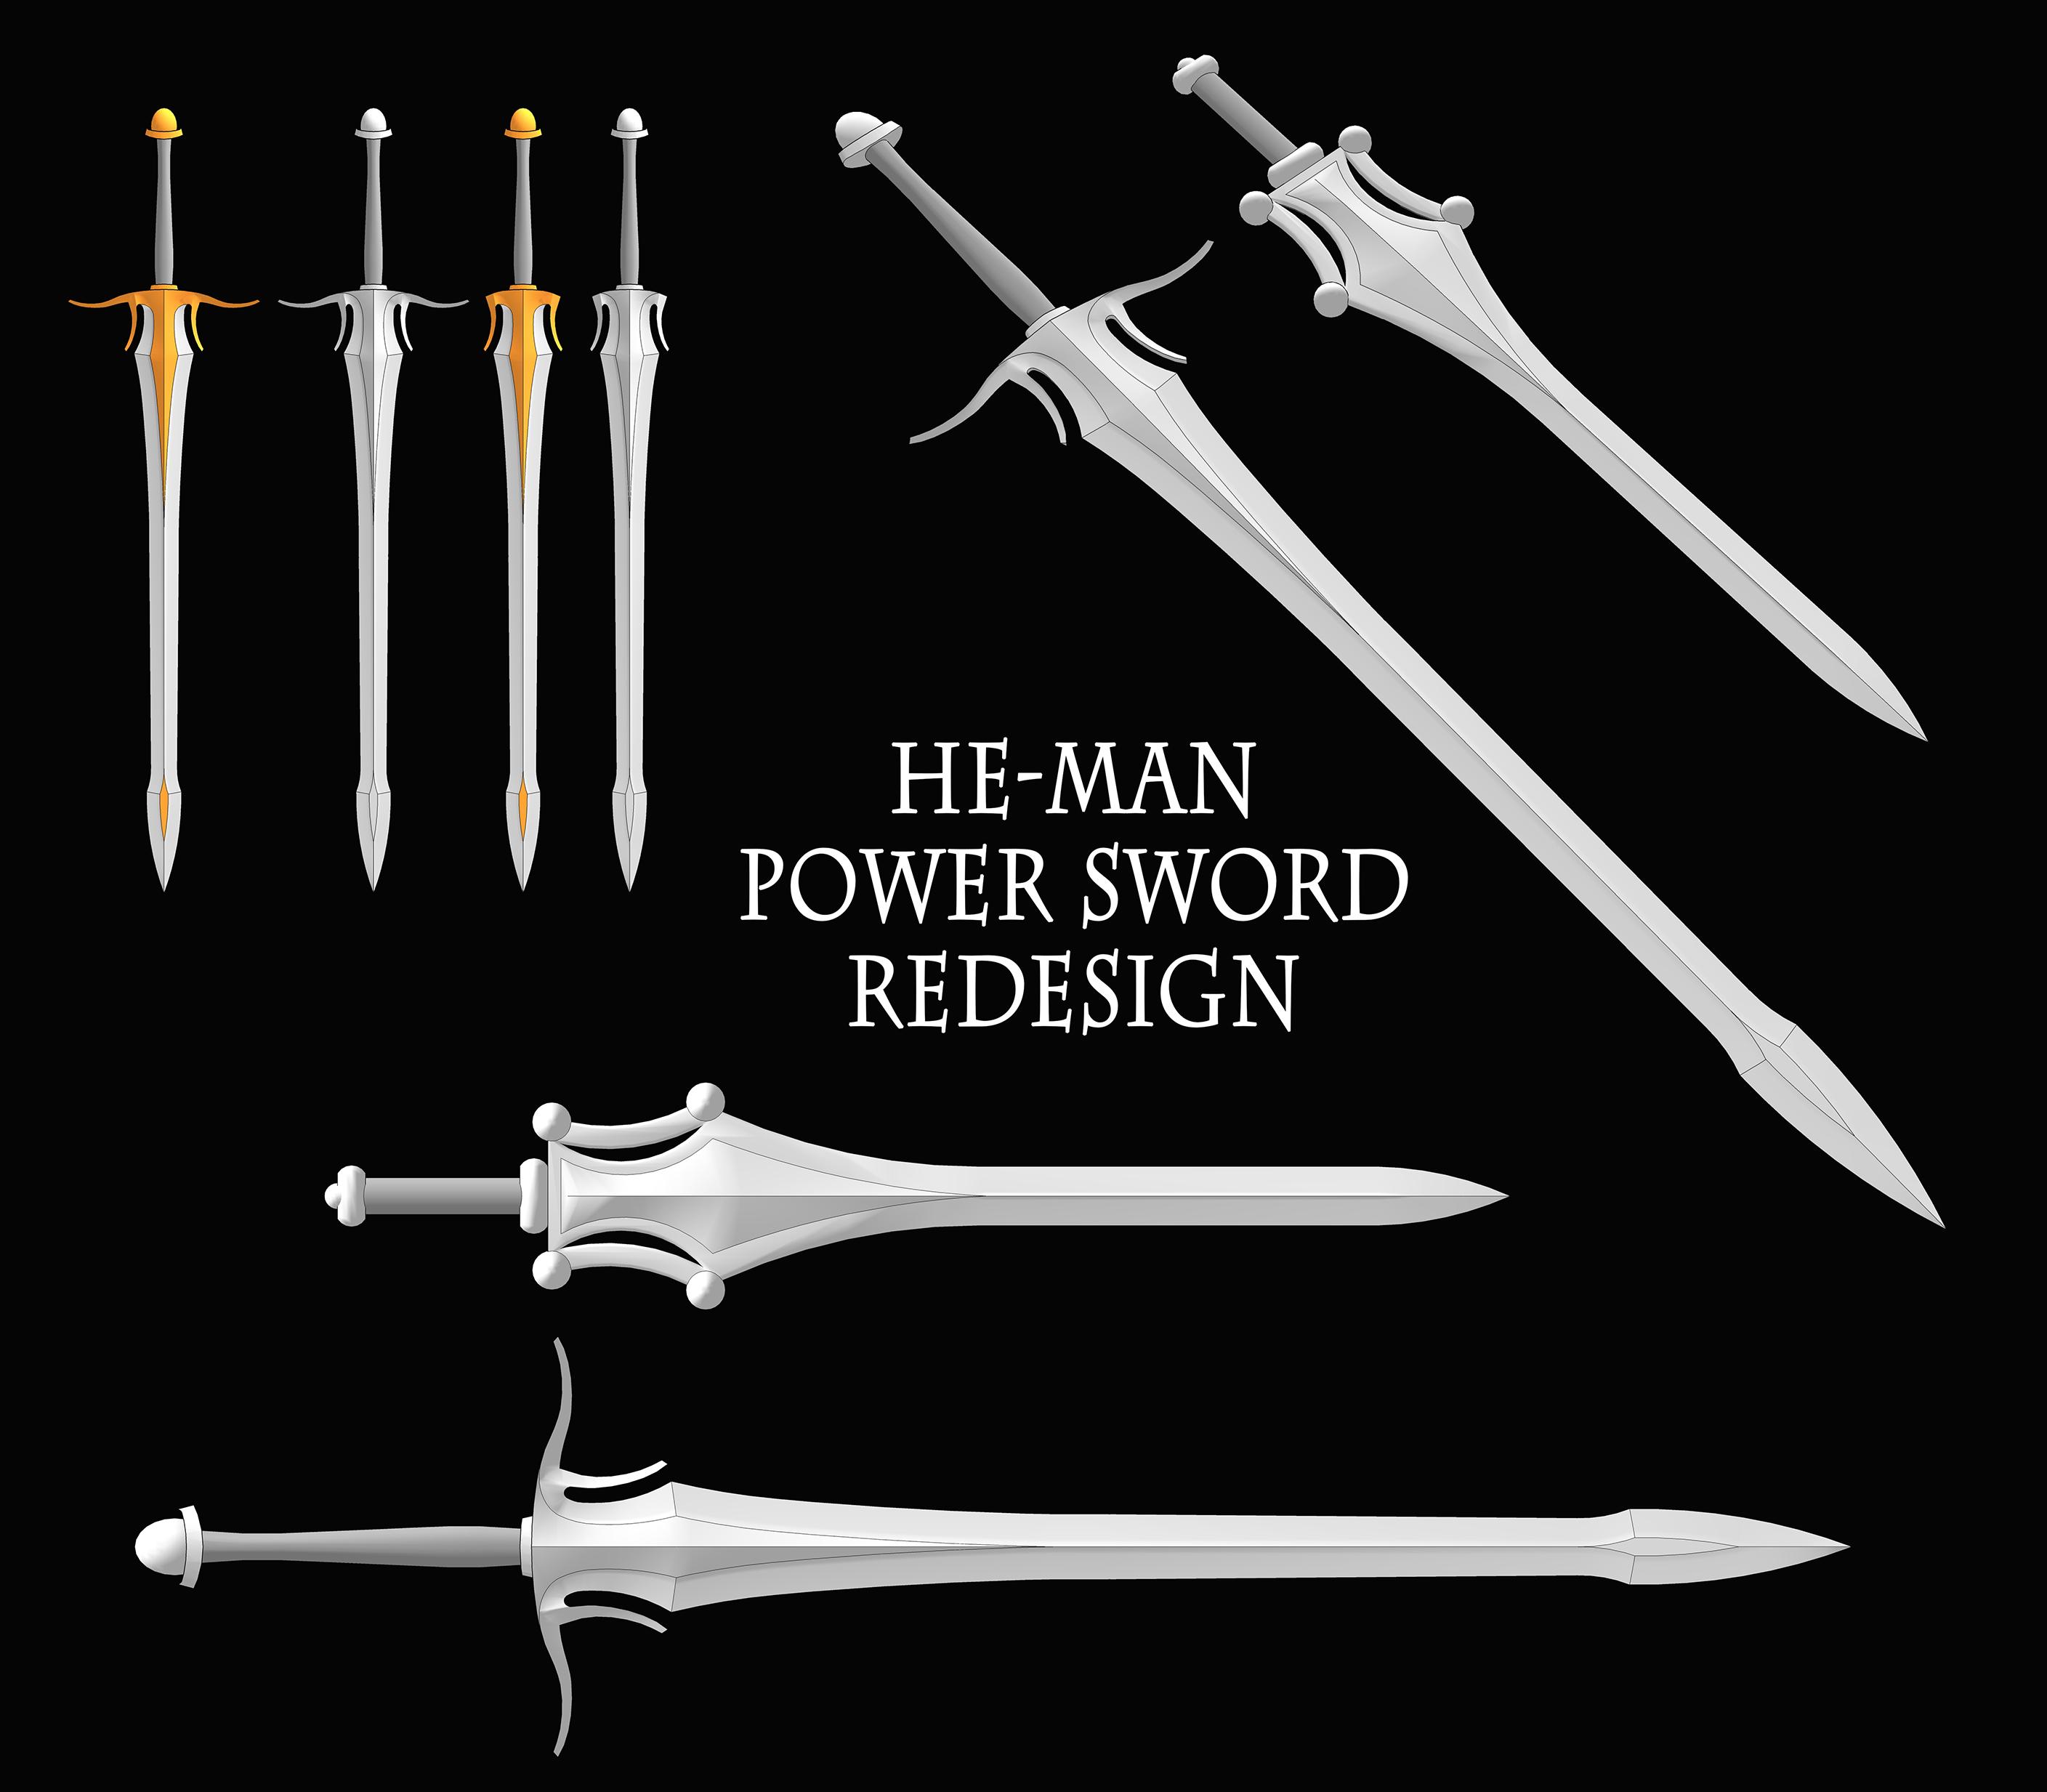 He man sword redesign